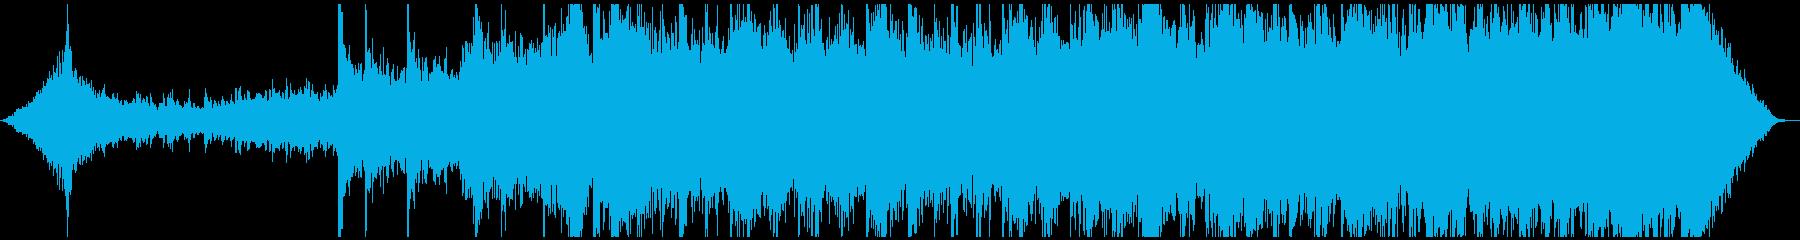 現代的 交響曲 クラシック プログ...の再生済みの波形